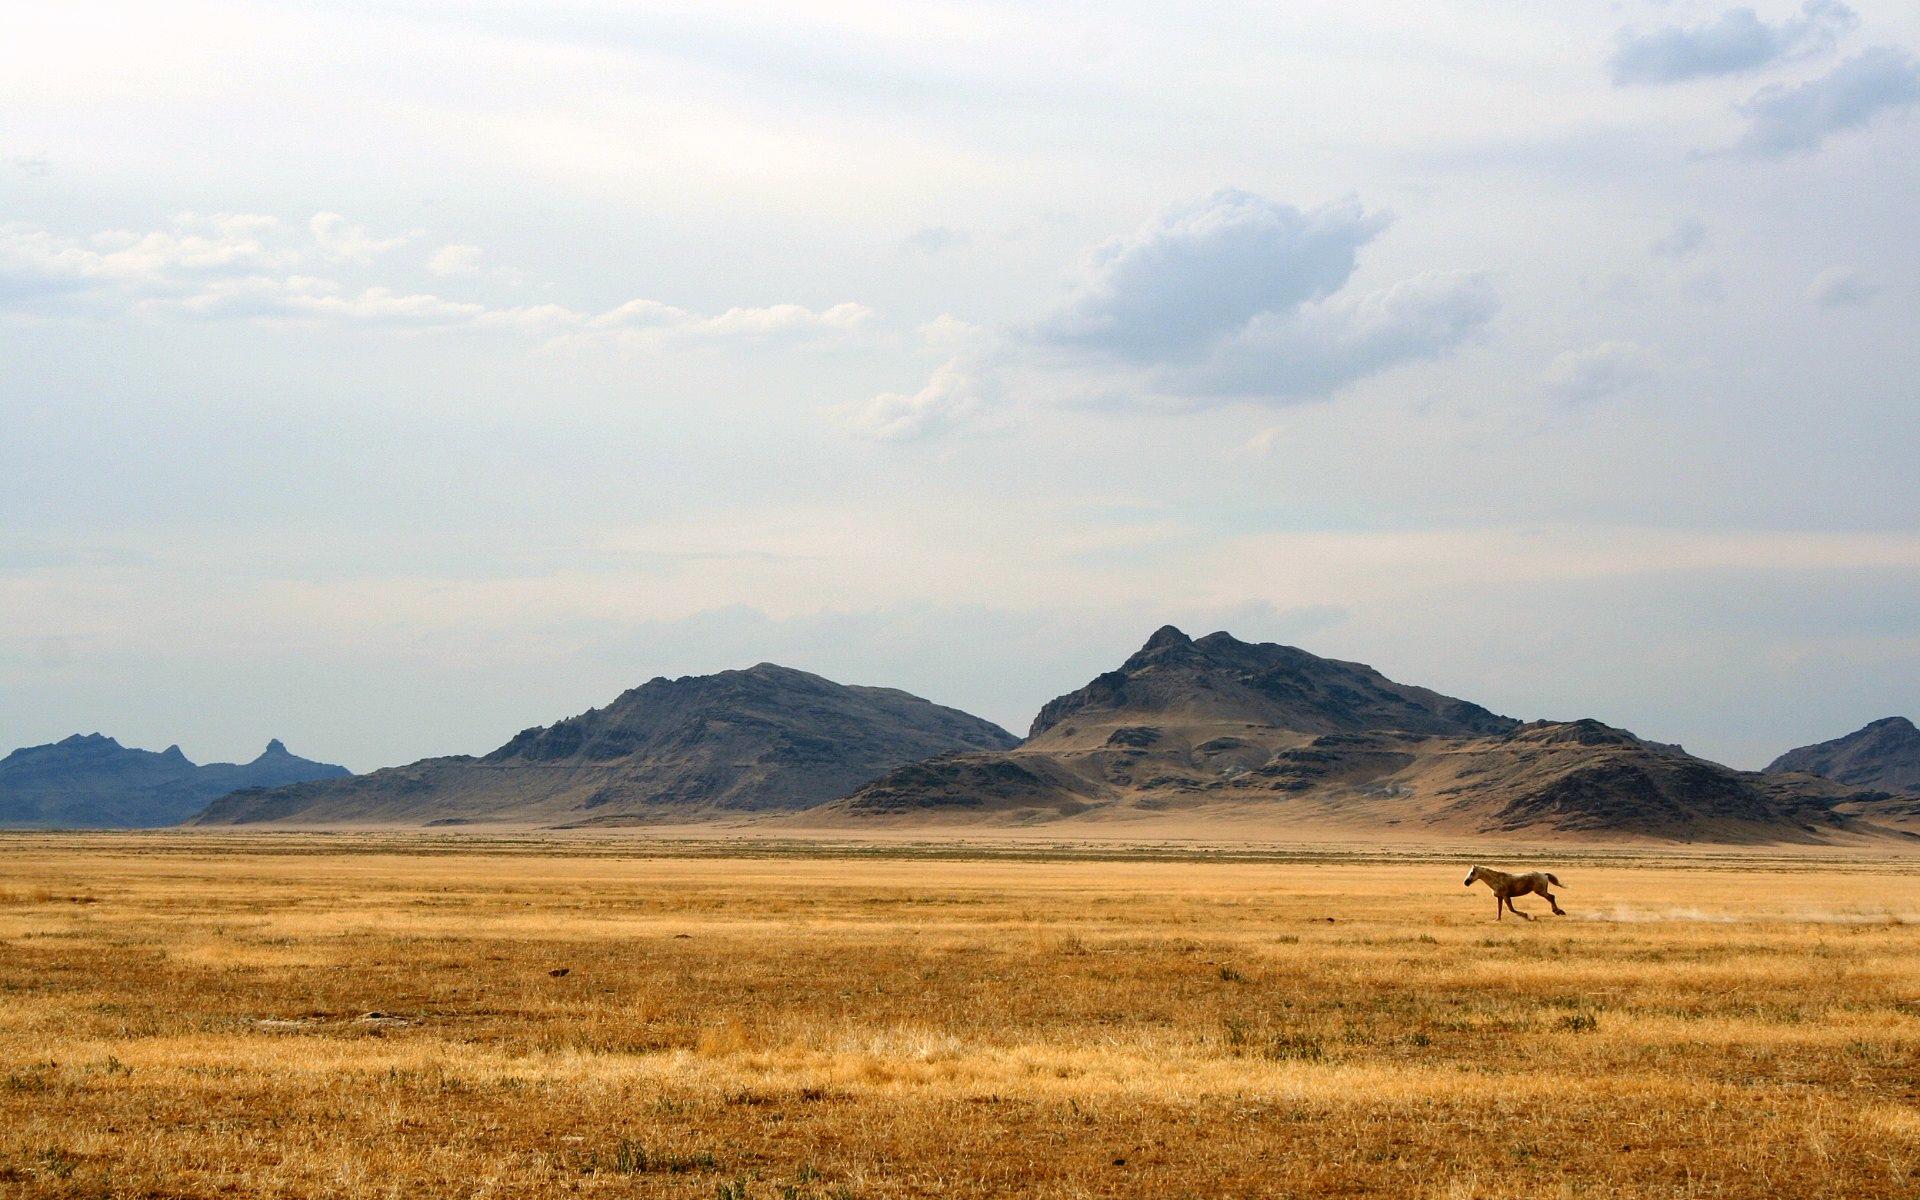 Running Wild Horse Landscape Hd Wallpaper